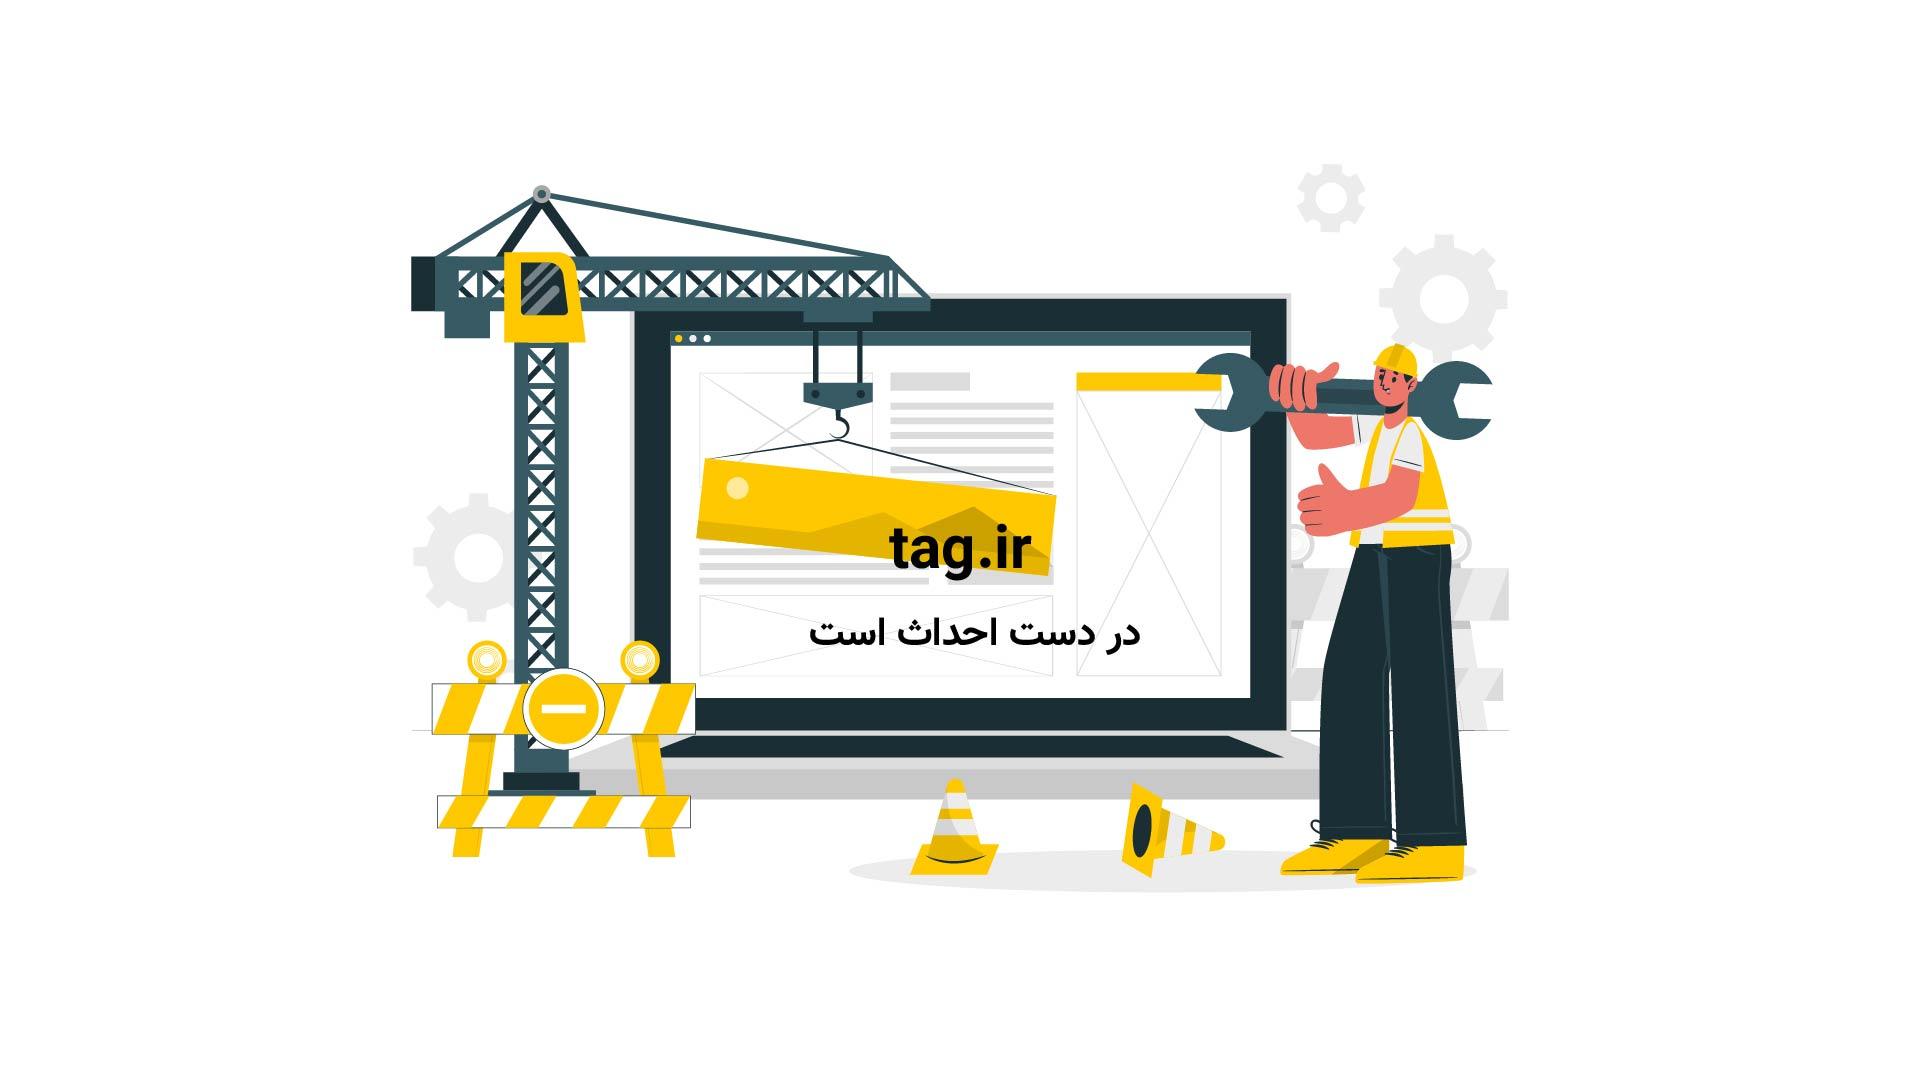 مریخ | تگ